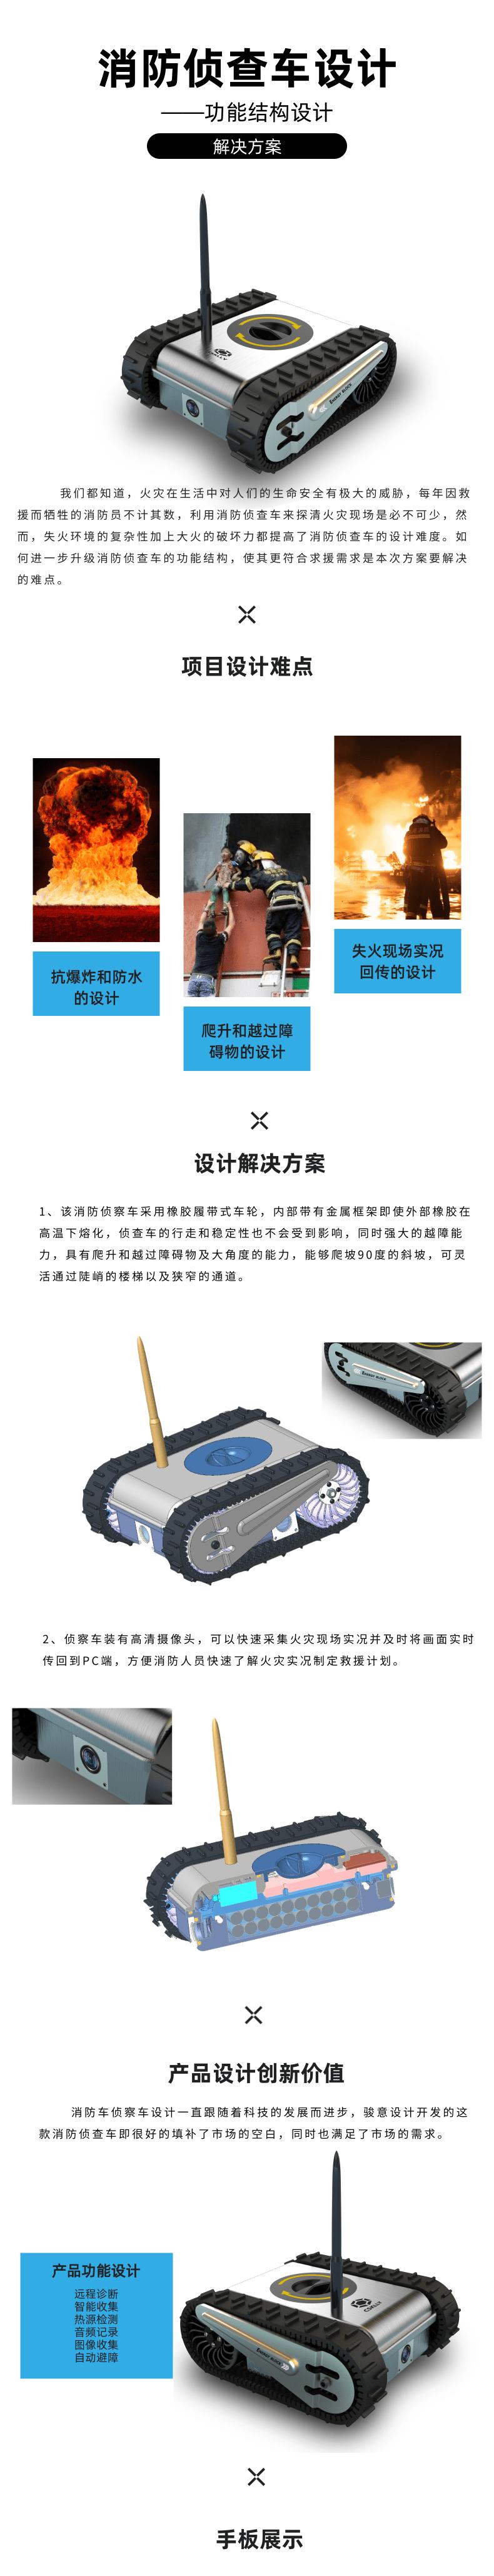 简约大气益智玩具魔方详情页@凡科快图